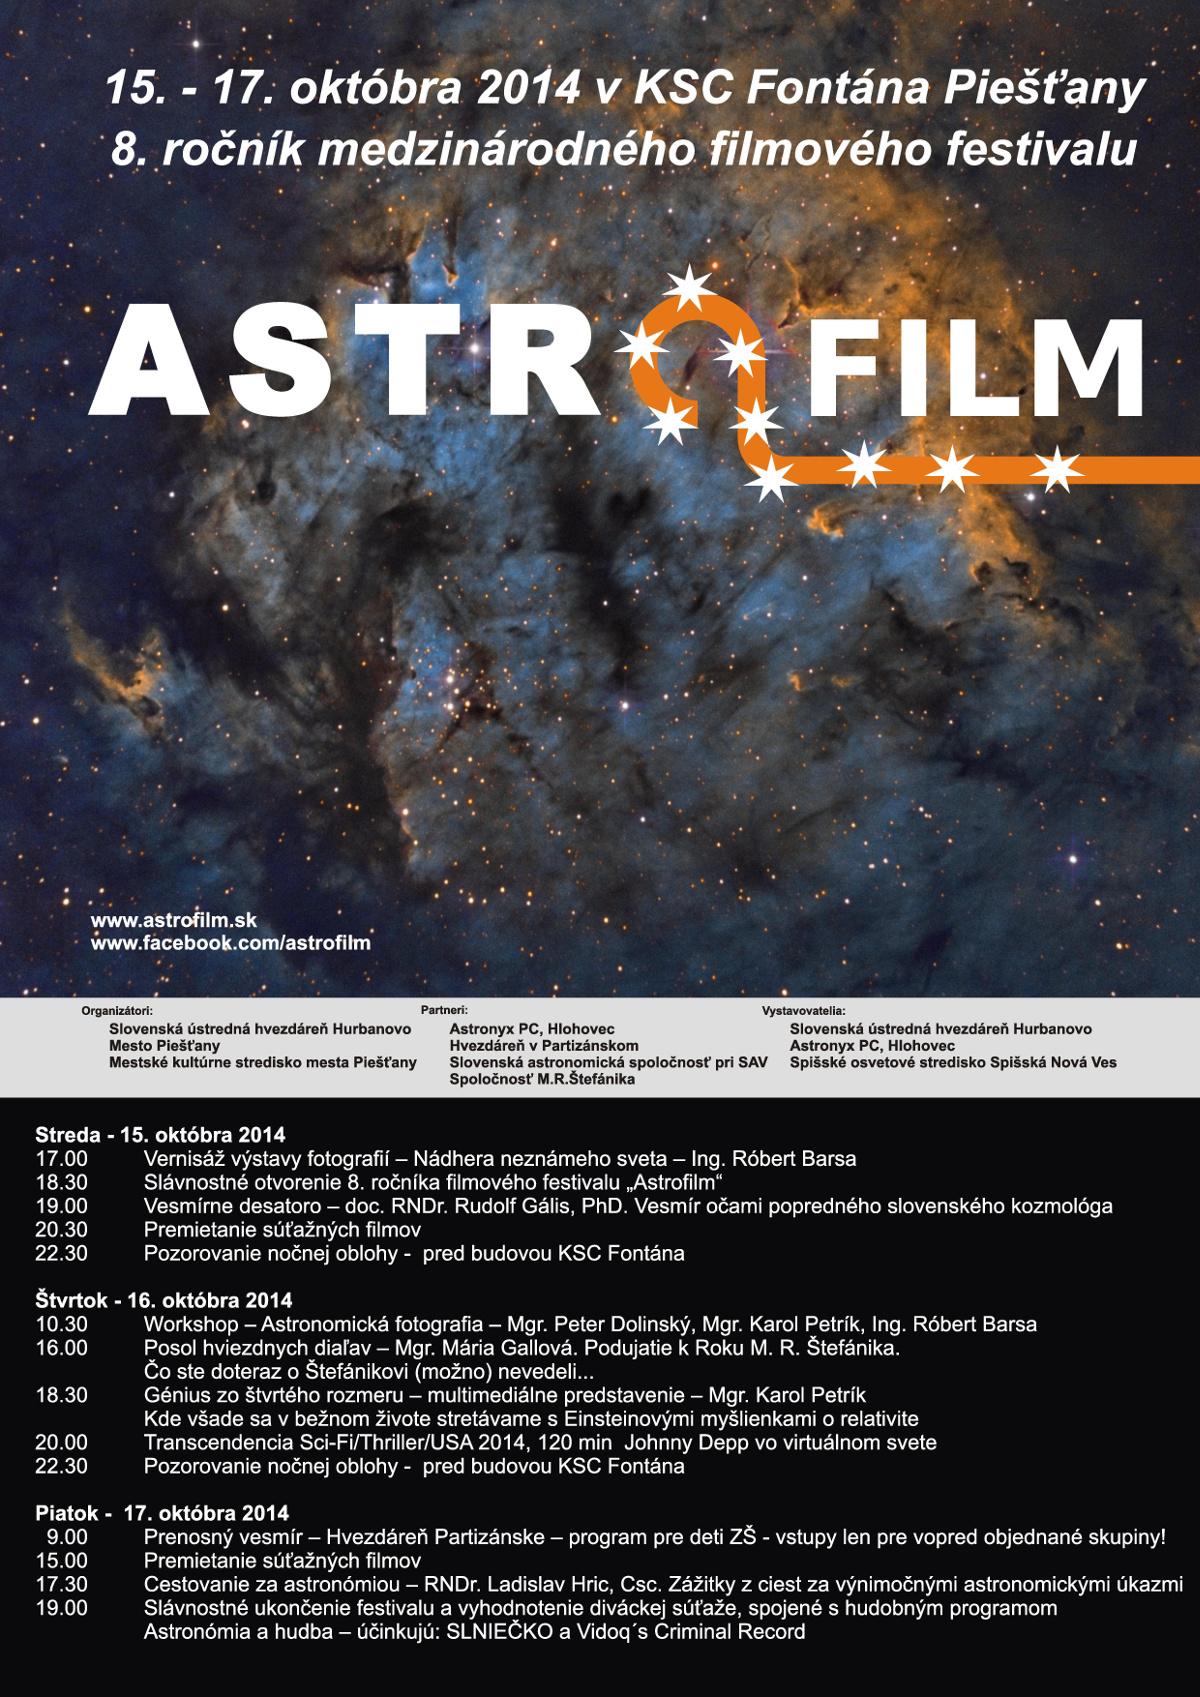 Astrofilm2014plagat